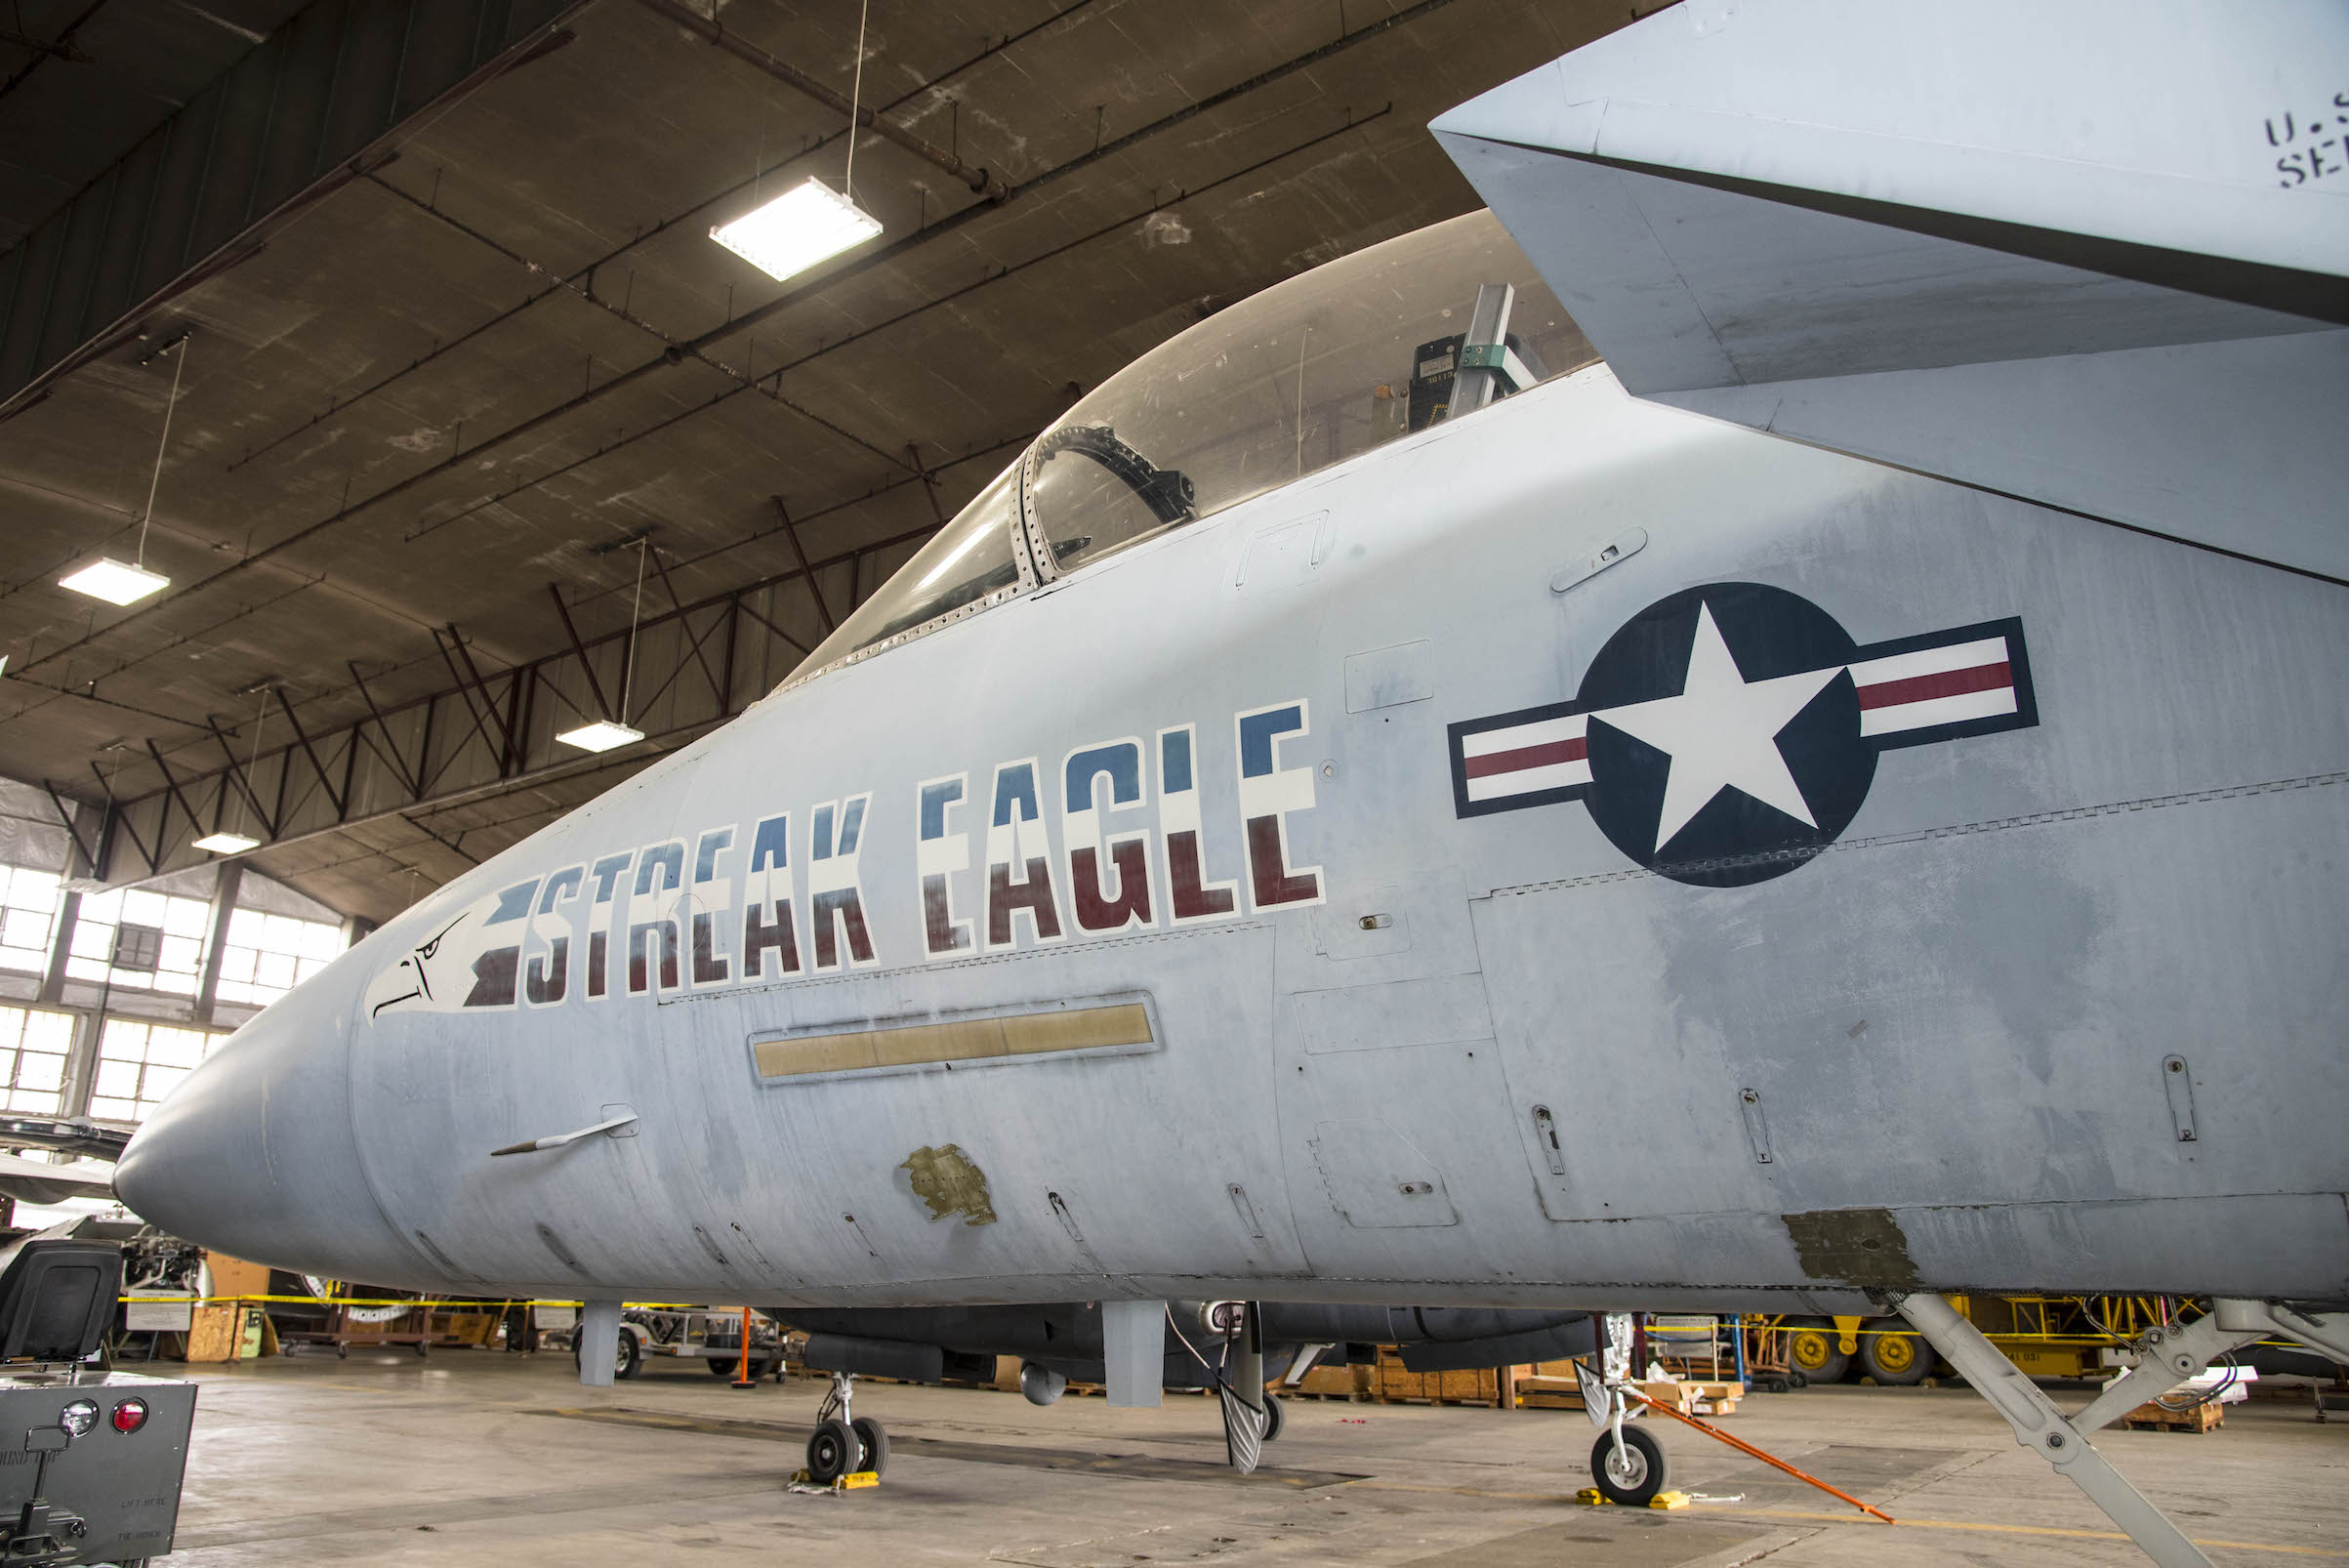 McDonnell Douglas F-15 Streak Eagle